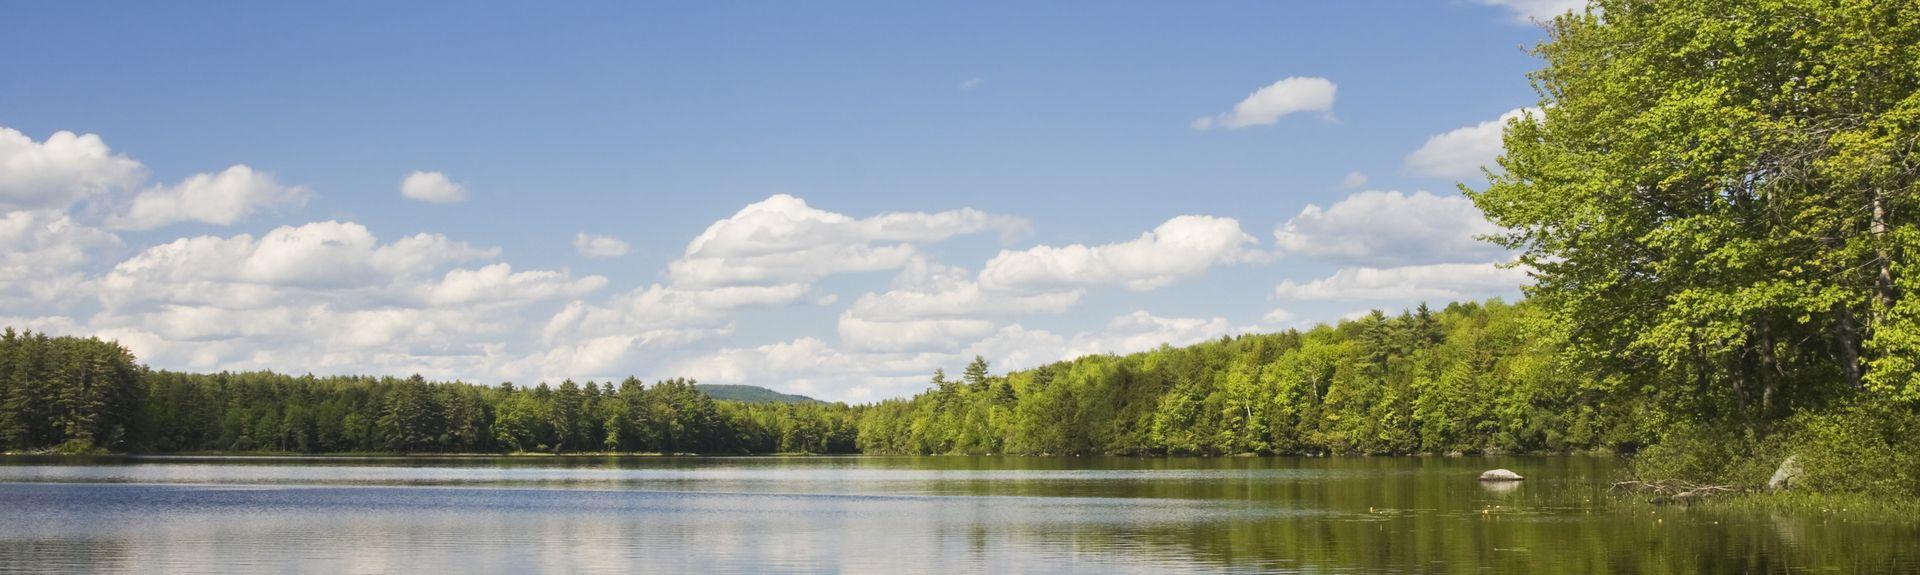 Mount Vernon, Maine, Stany Zjednoczone